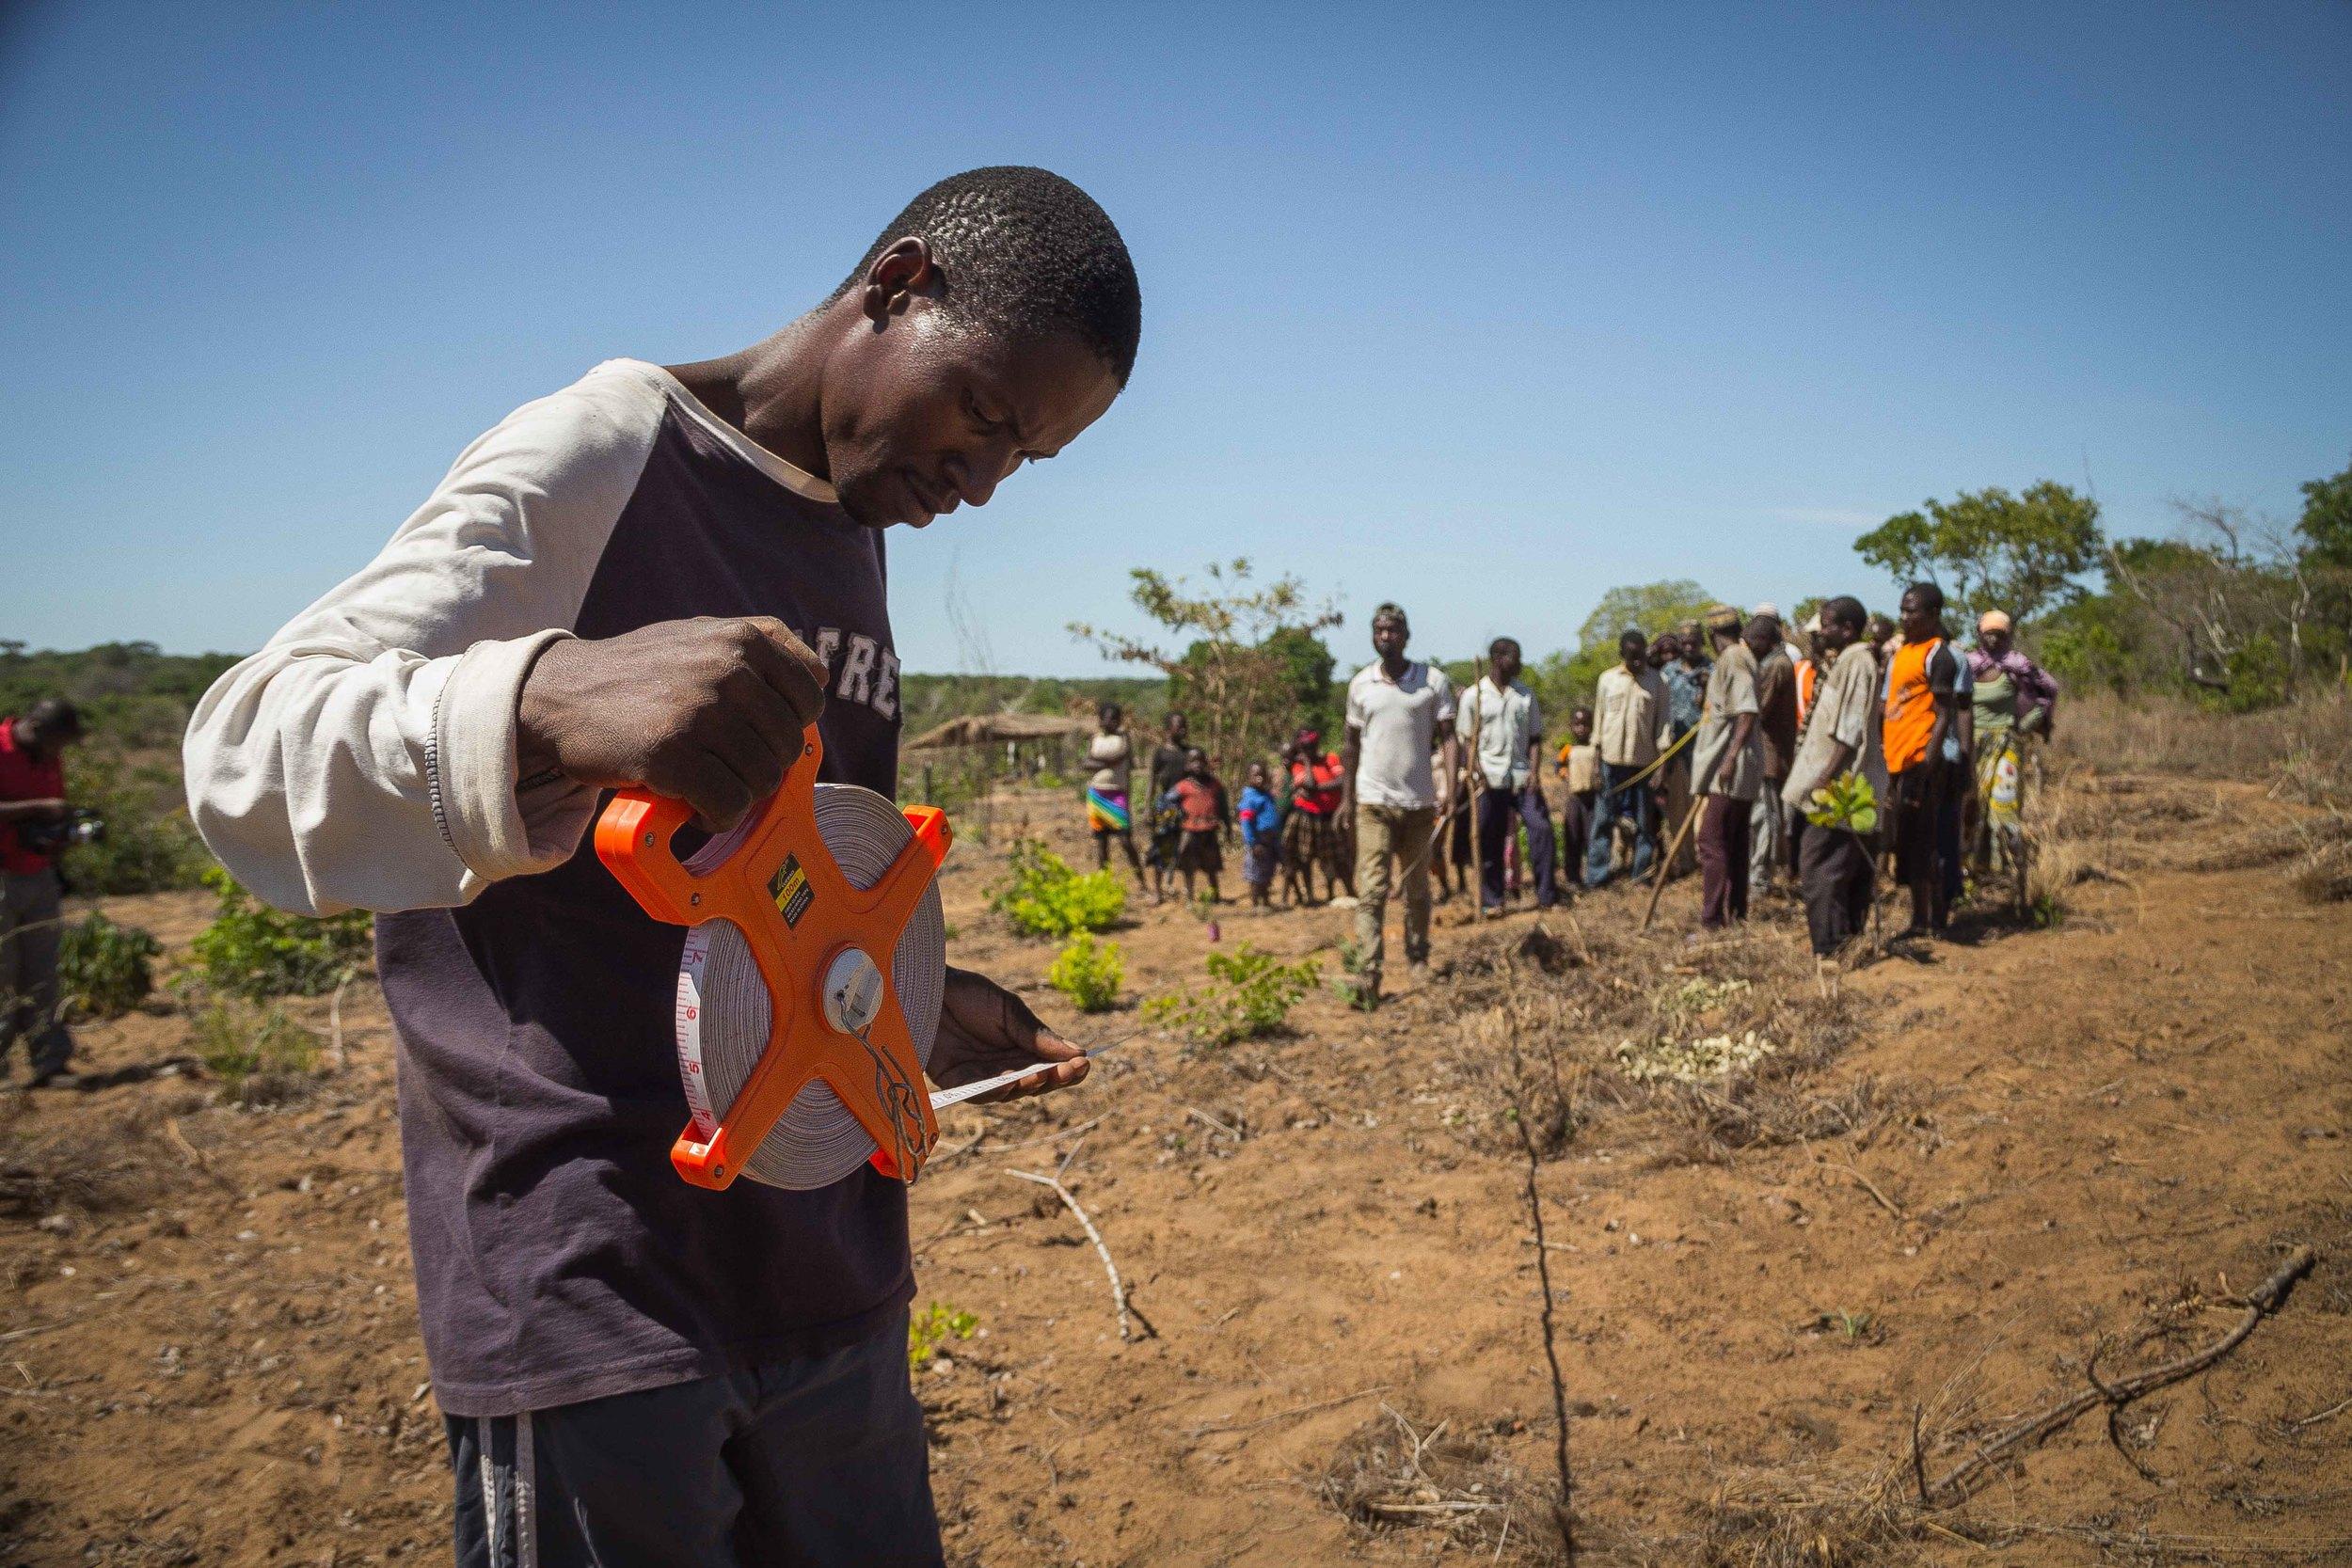 Mogovolas district, Nampula   province  – Cashew farmers learn to properly space the cashew seedlings while planting a new field |  Produtores aprendendo o compasso entre plantas no processo de plantio num novo campo